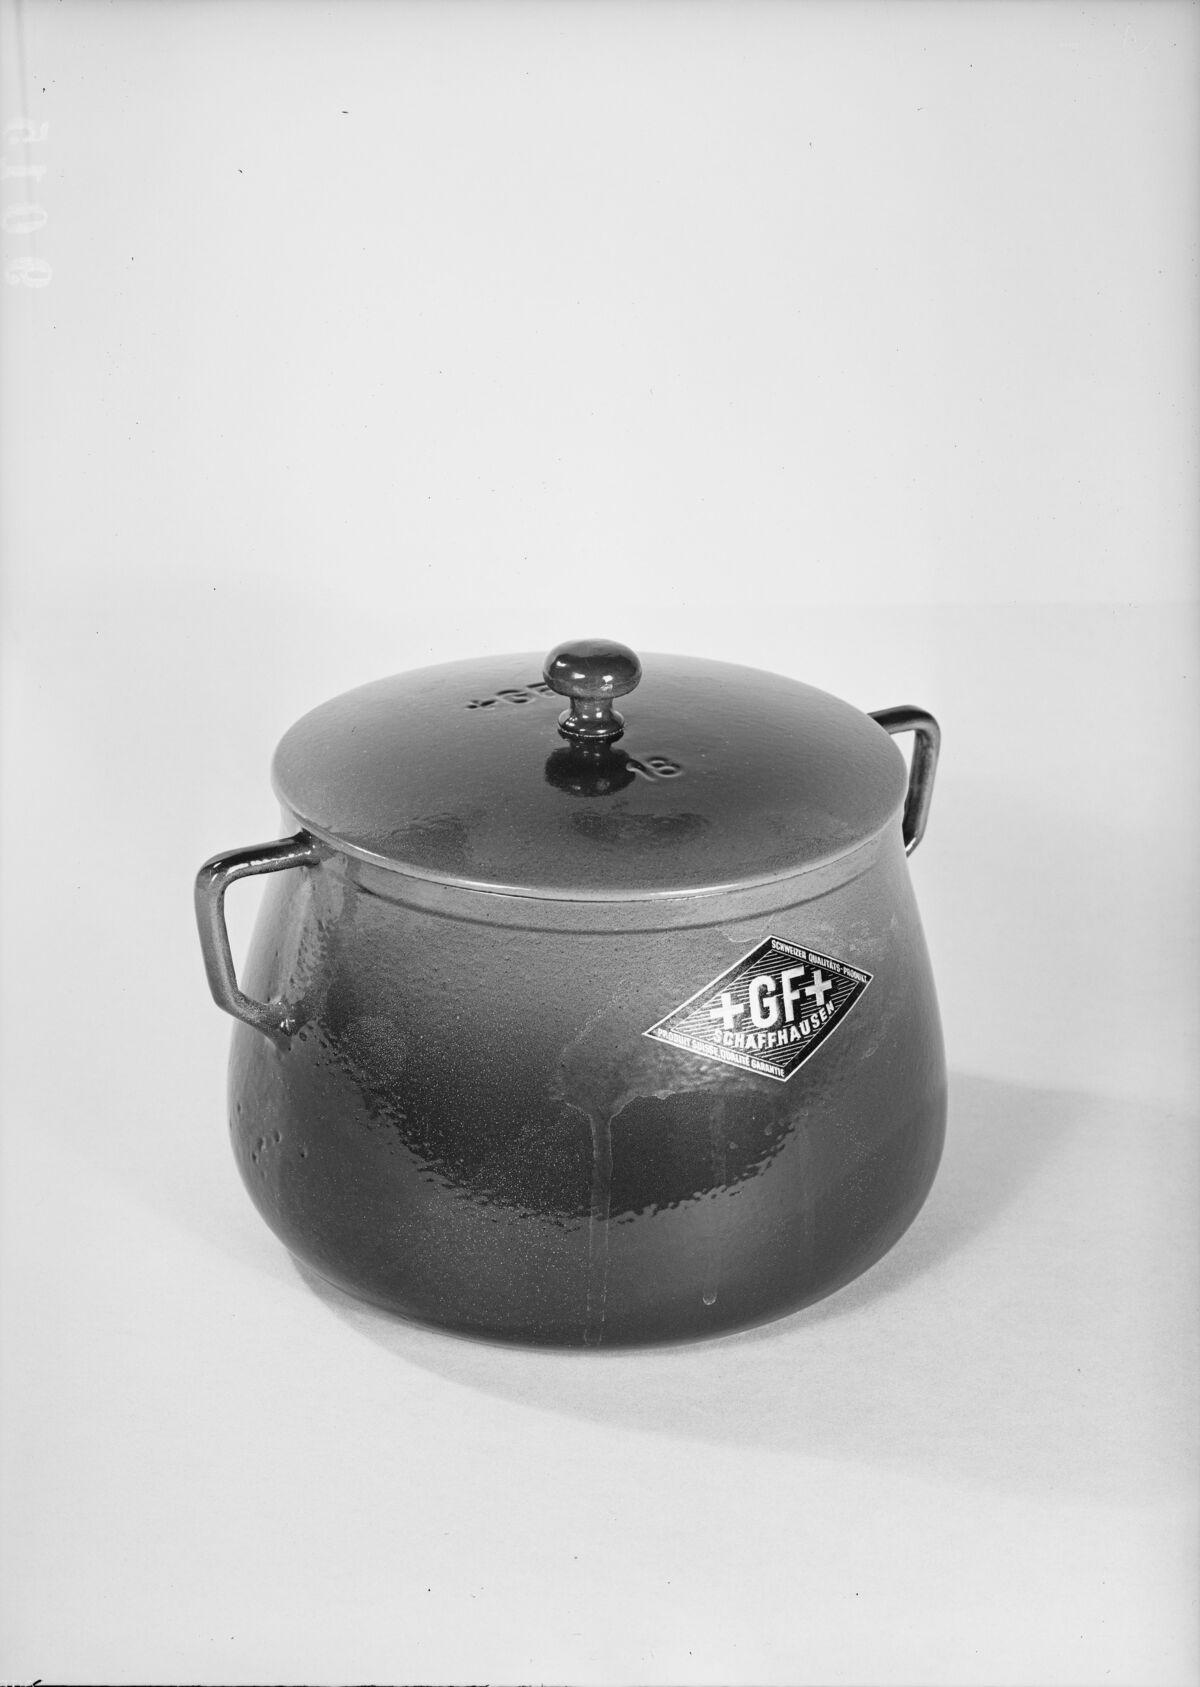 GFA 16/9015: Cookware